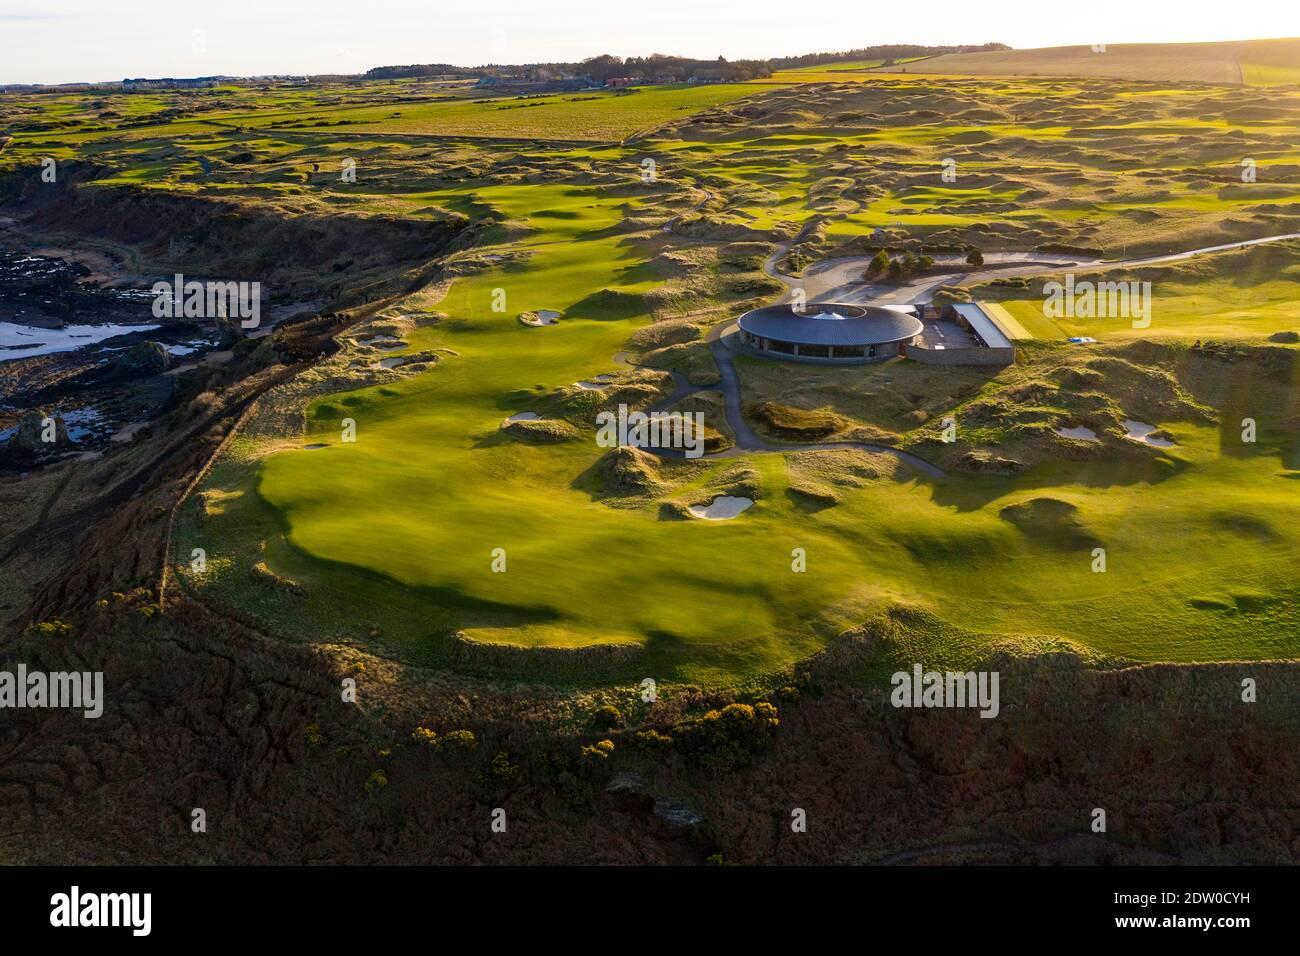 Vista aérea de los enlaces de golf del campo Castle en las afueras de St Andrews en Fife, Escocia, Reino Unido Foto de stock